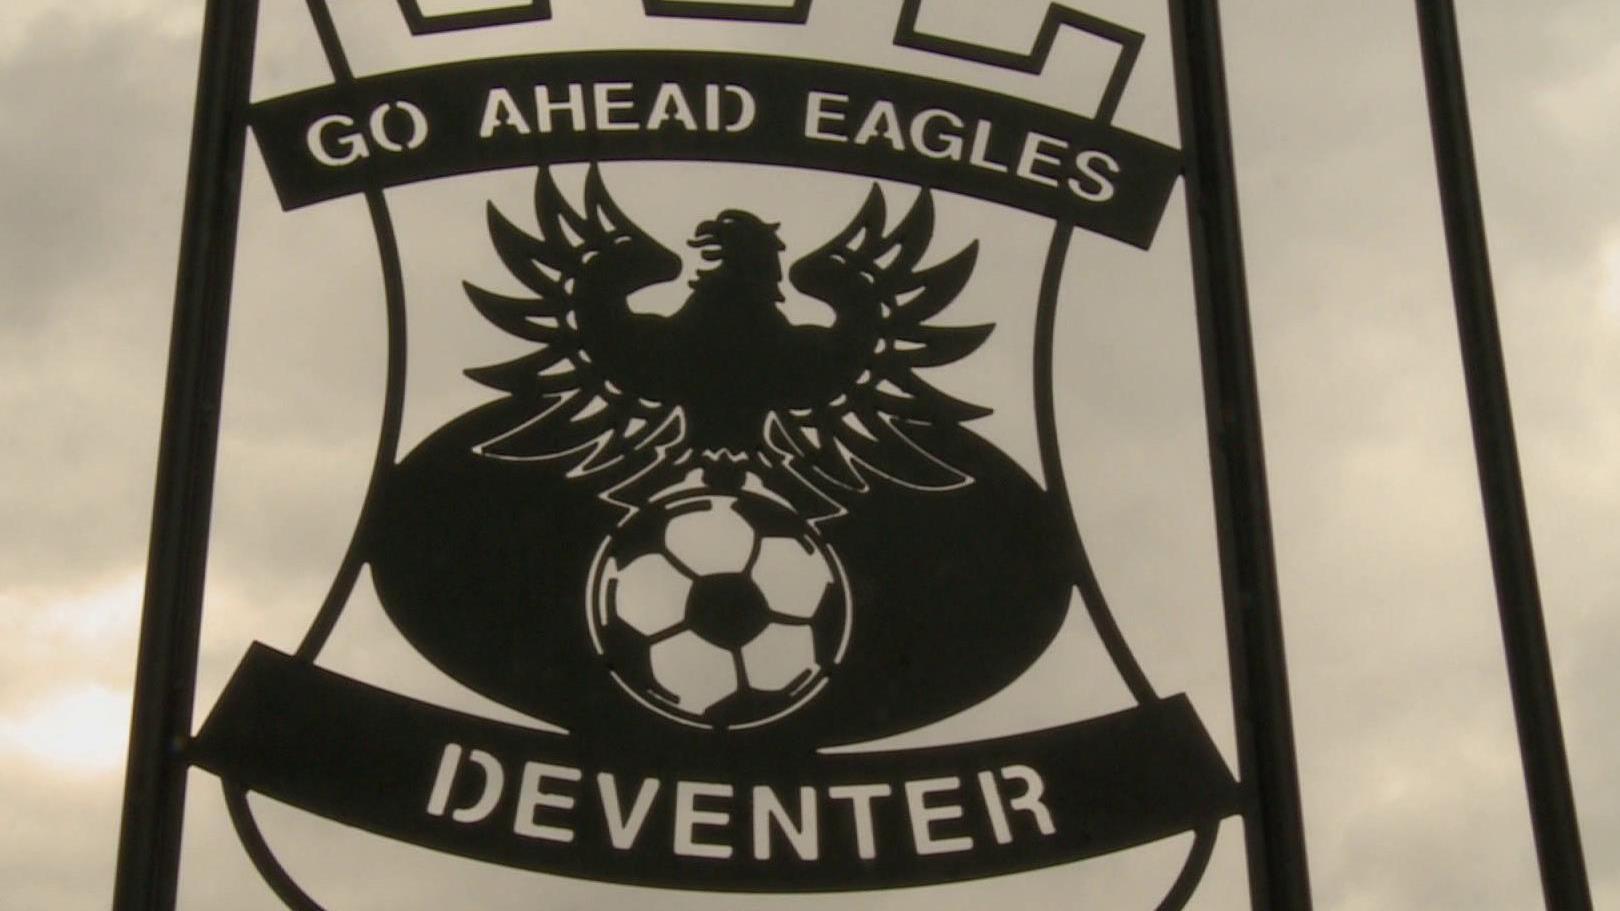 Stadion De Adelaarshorst van Go Ahead Eagles